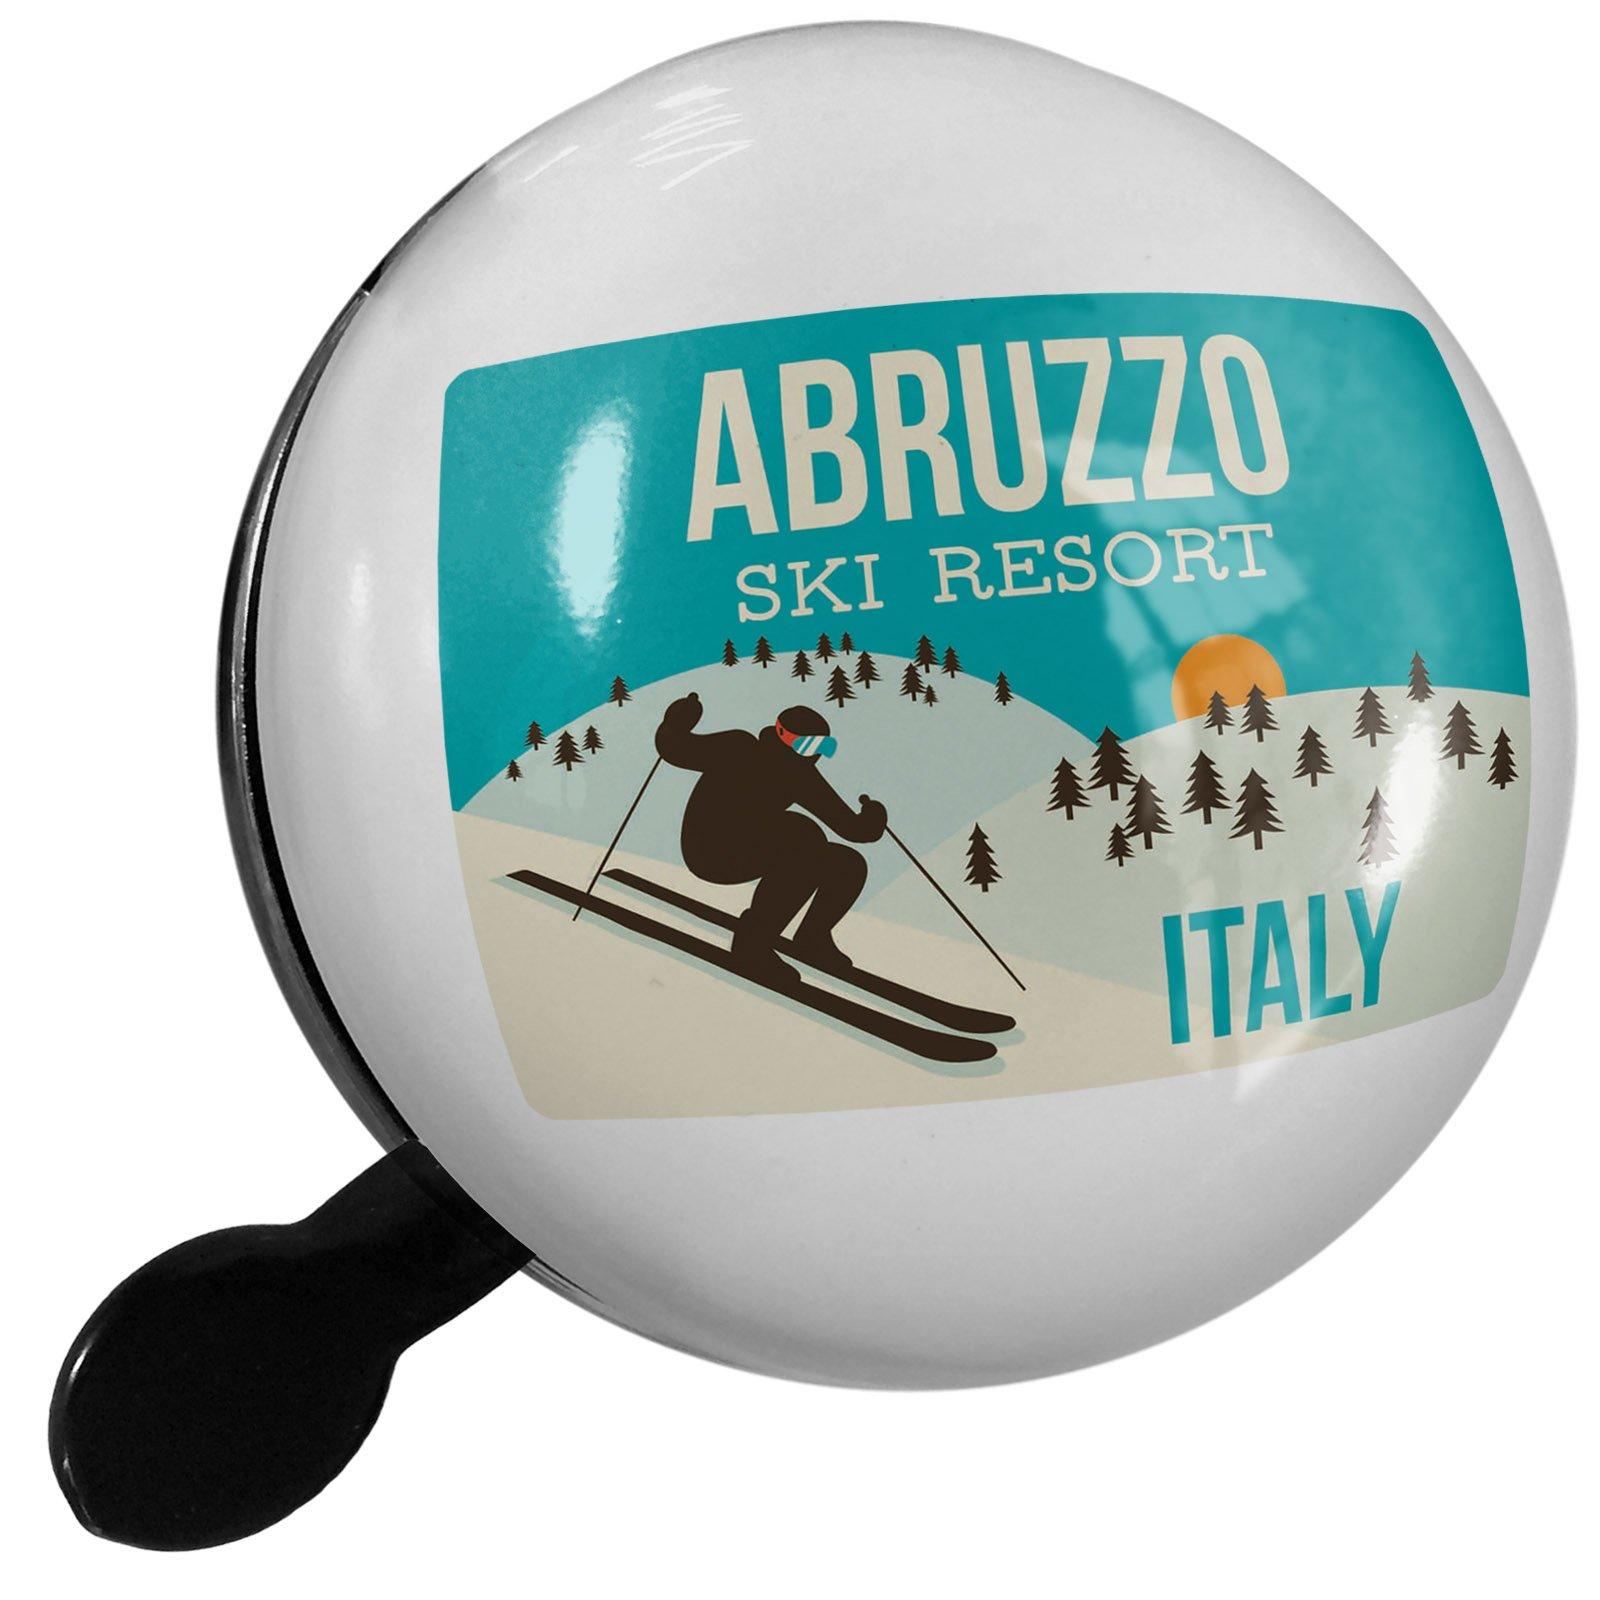 Small Bike Bell Abruzzo Ski Resort - Italy Ski Resort - NEONBLOND